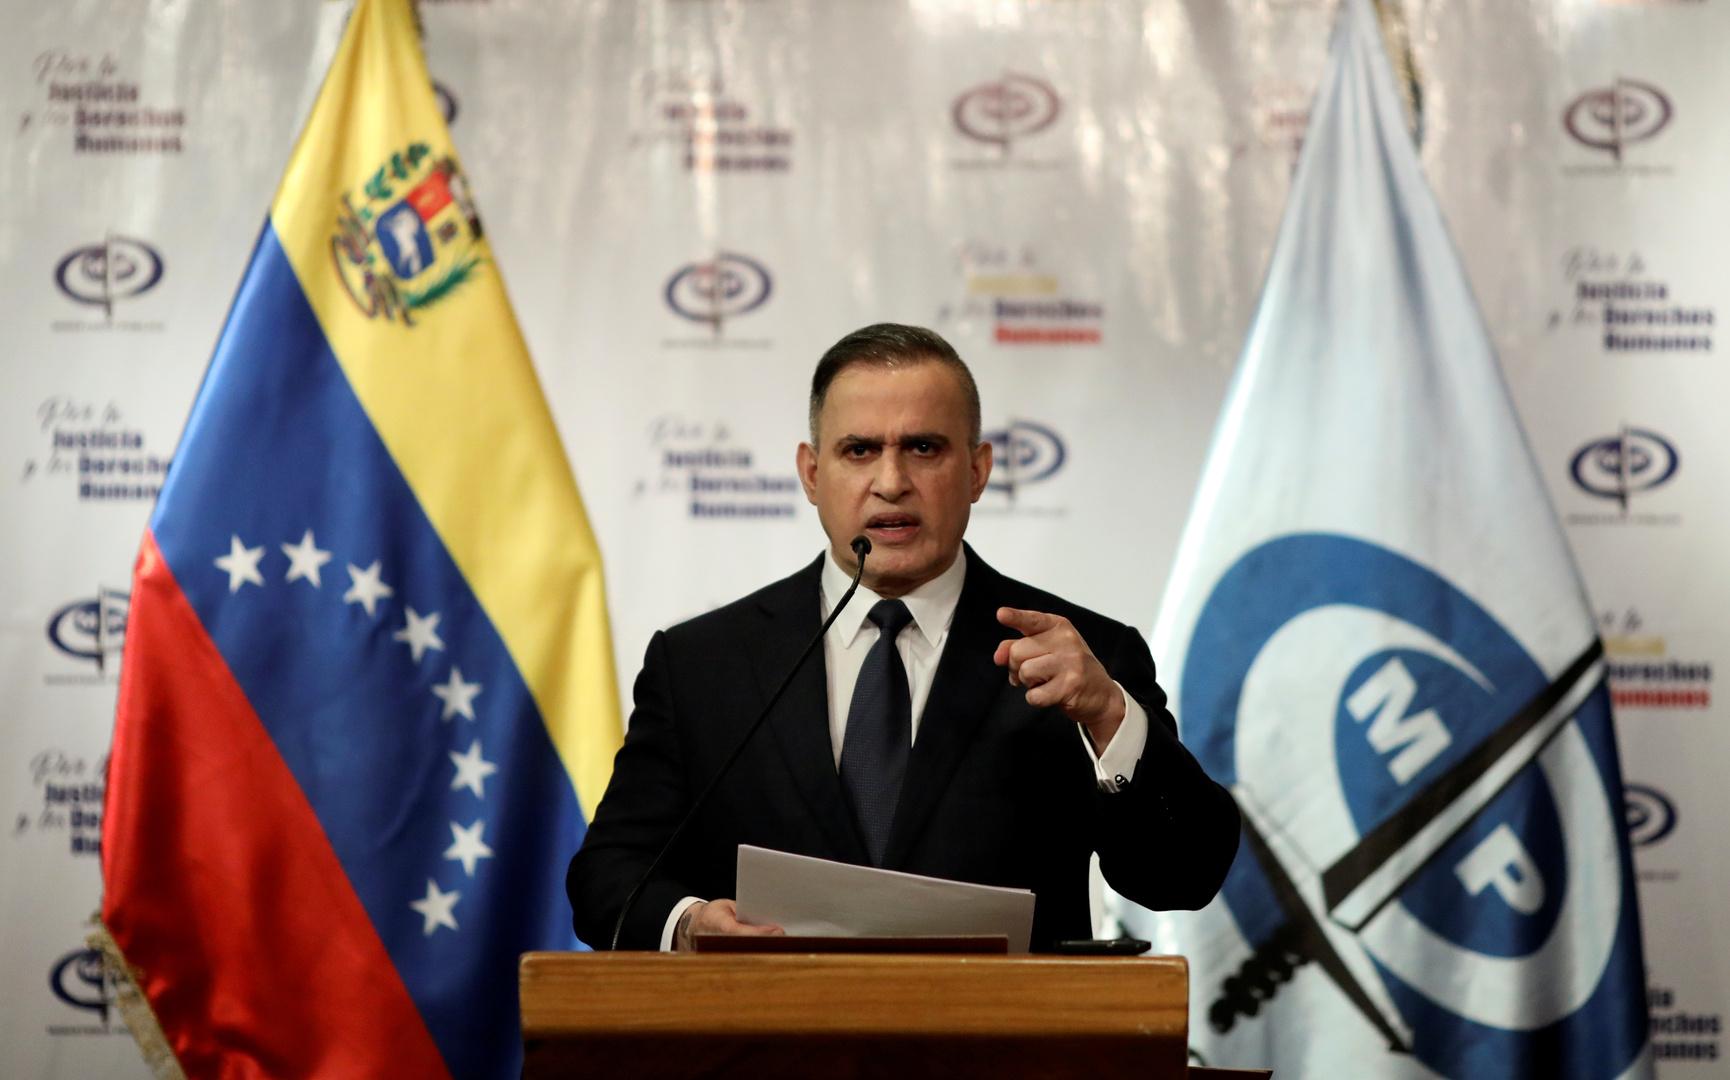 توجيه تهم الإرهاب وتهريب الأسلحة للأمريكي المعتقل في فنزويلا